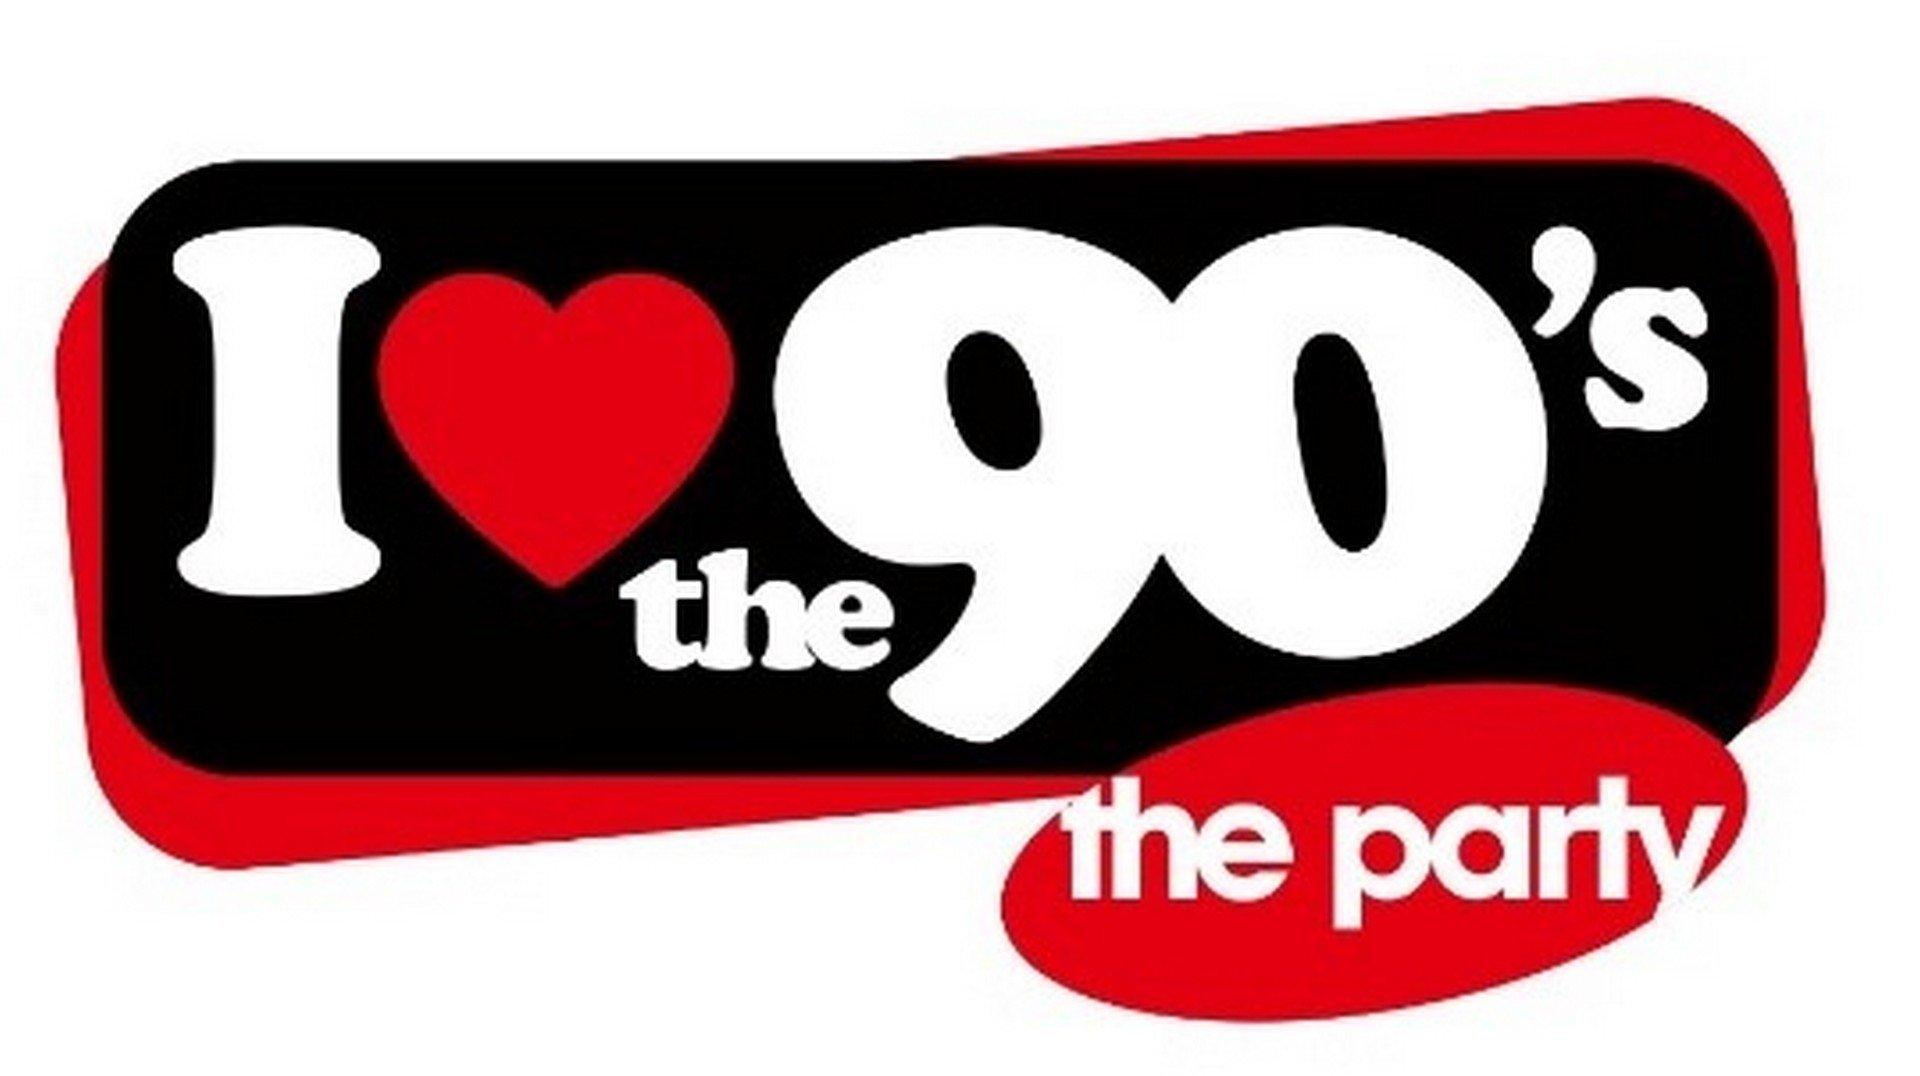 Boyzone nog een laatste keer op 'I love the 90's' - I live the 90s 1